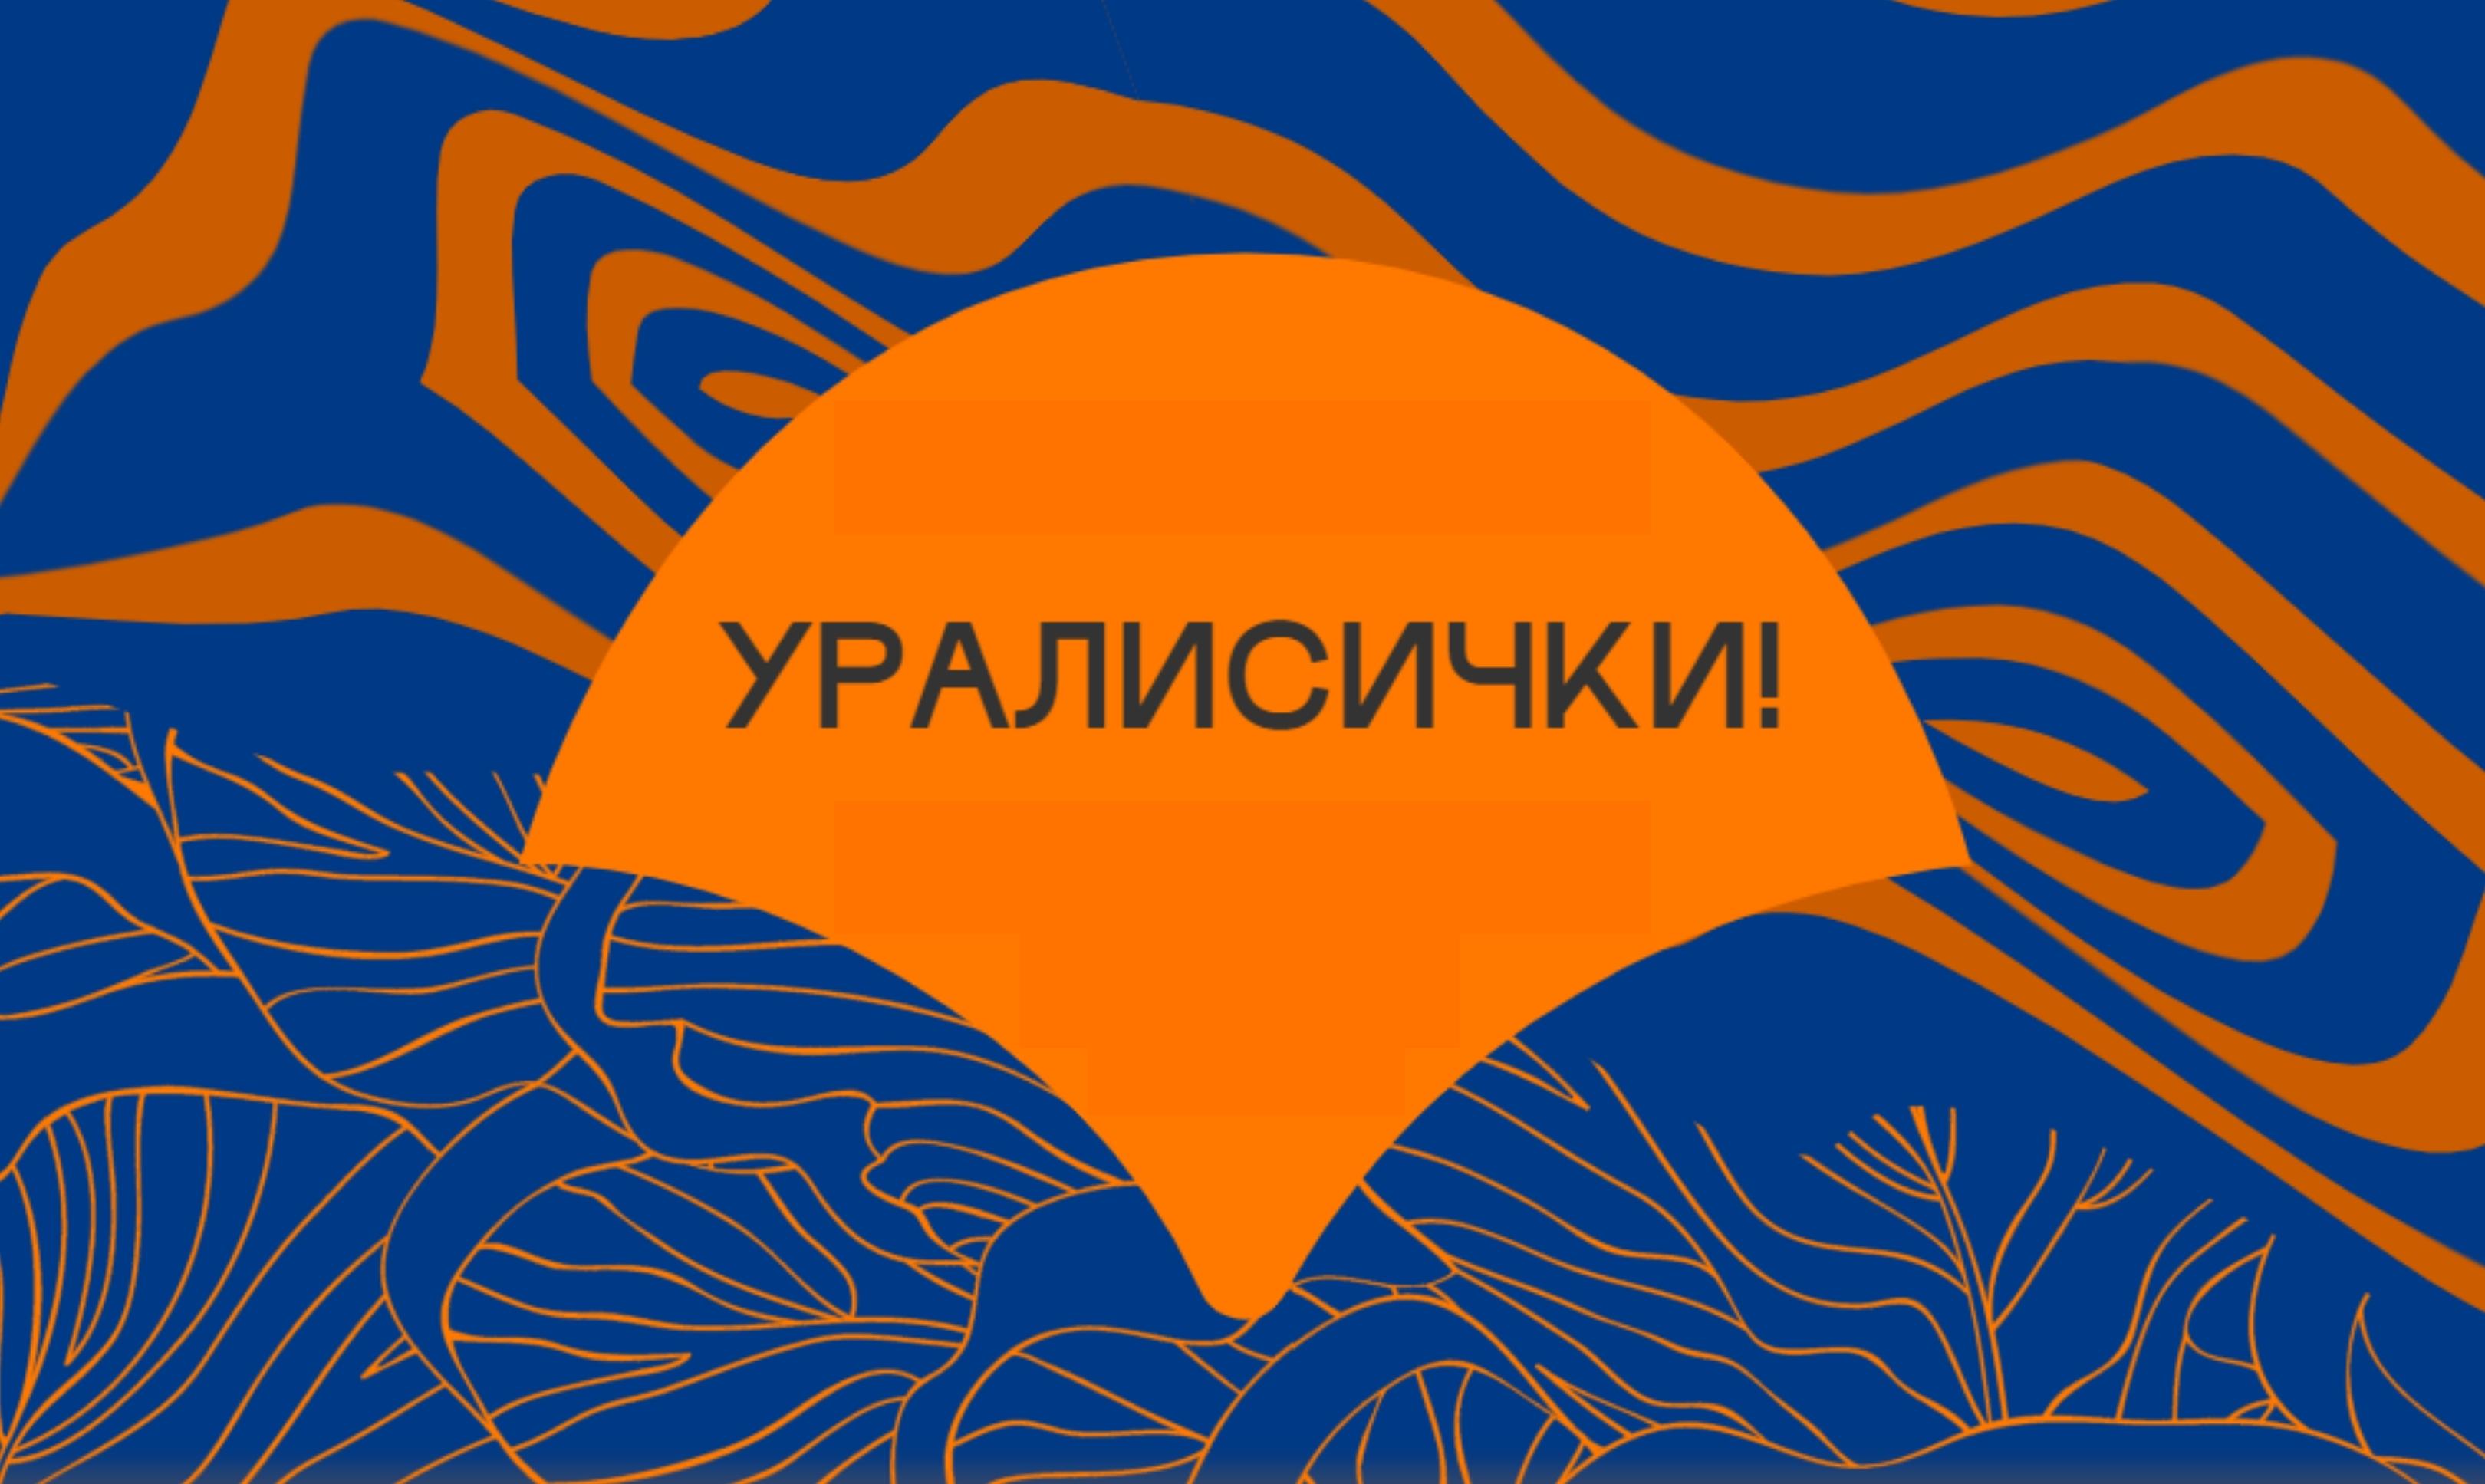 Ура, лисички: в Екатеринбурге стартовал гастрономический фестиваль, посвященный грибам